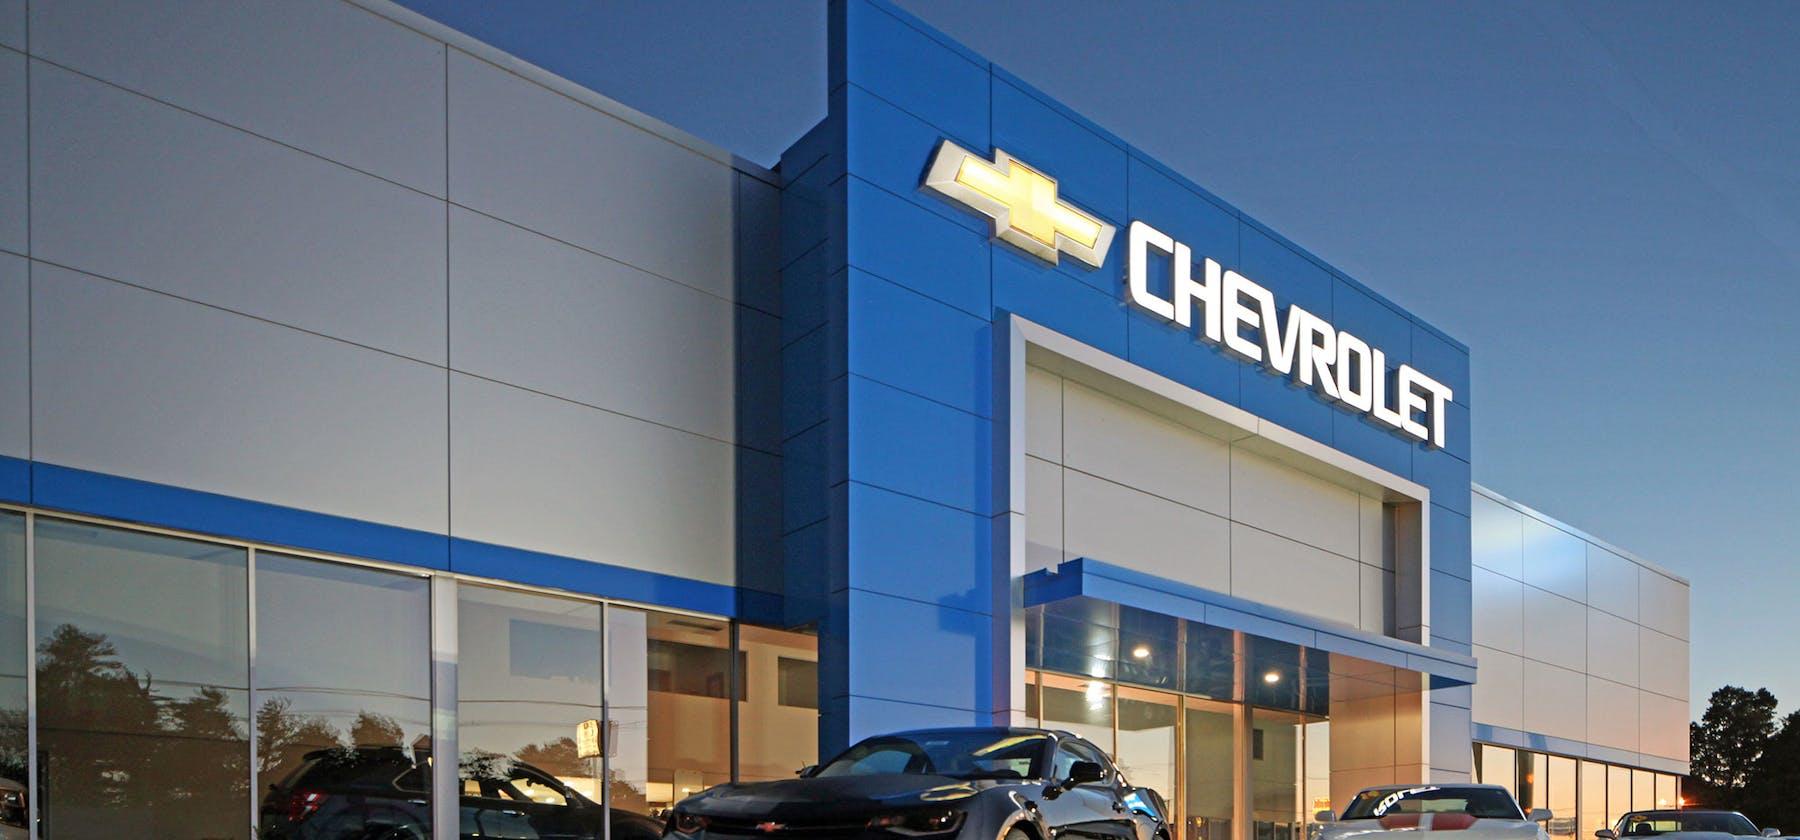 Frei Chevy exterior